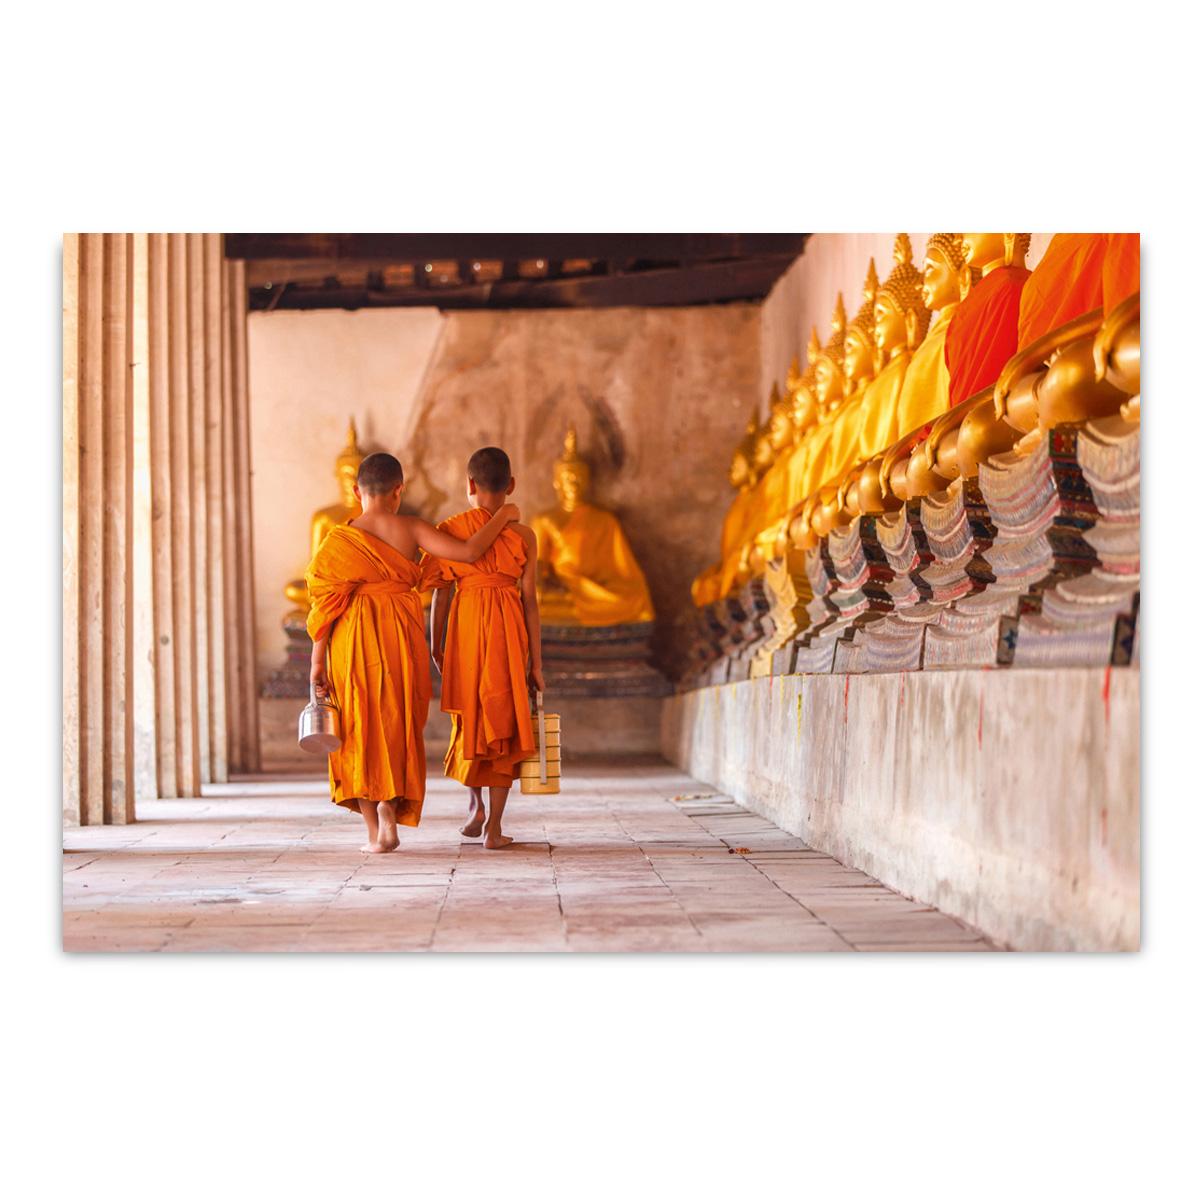 ImageLand Glasbild Digitaldruck Buddhistische Mönche, 80 x 120 cm 852974